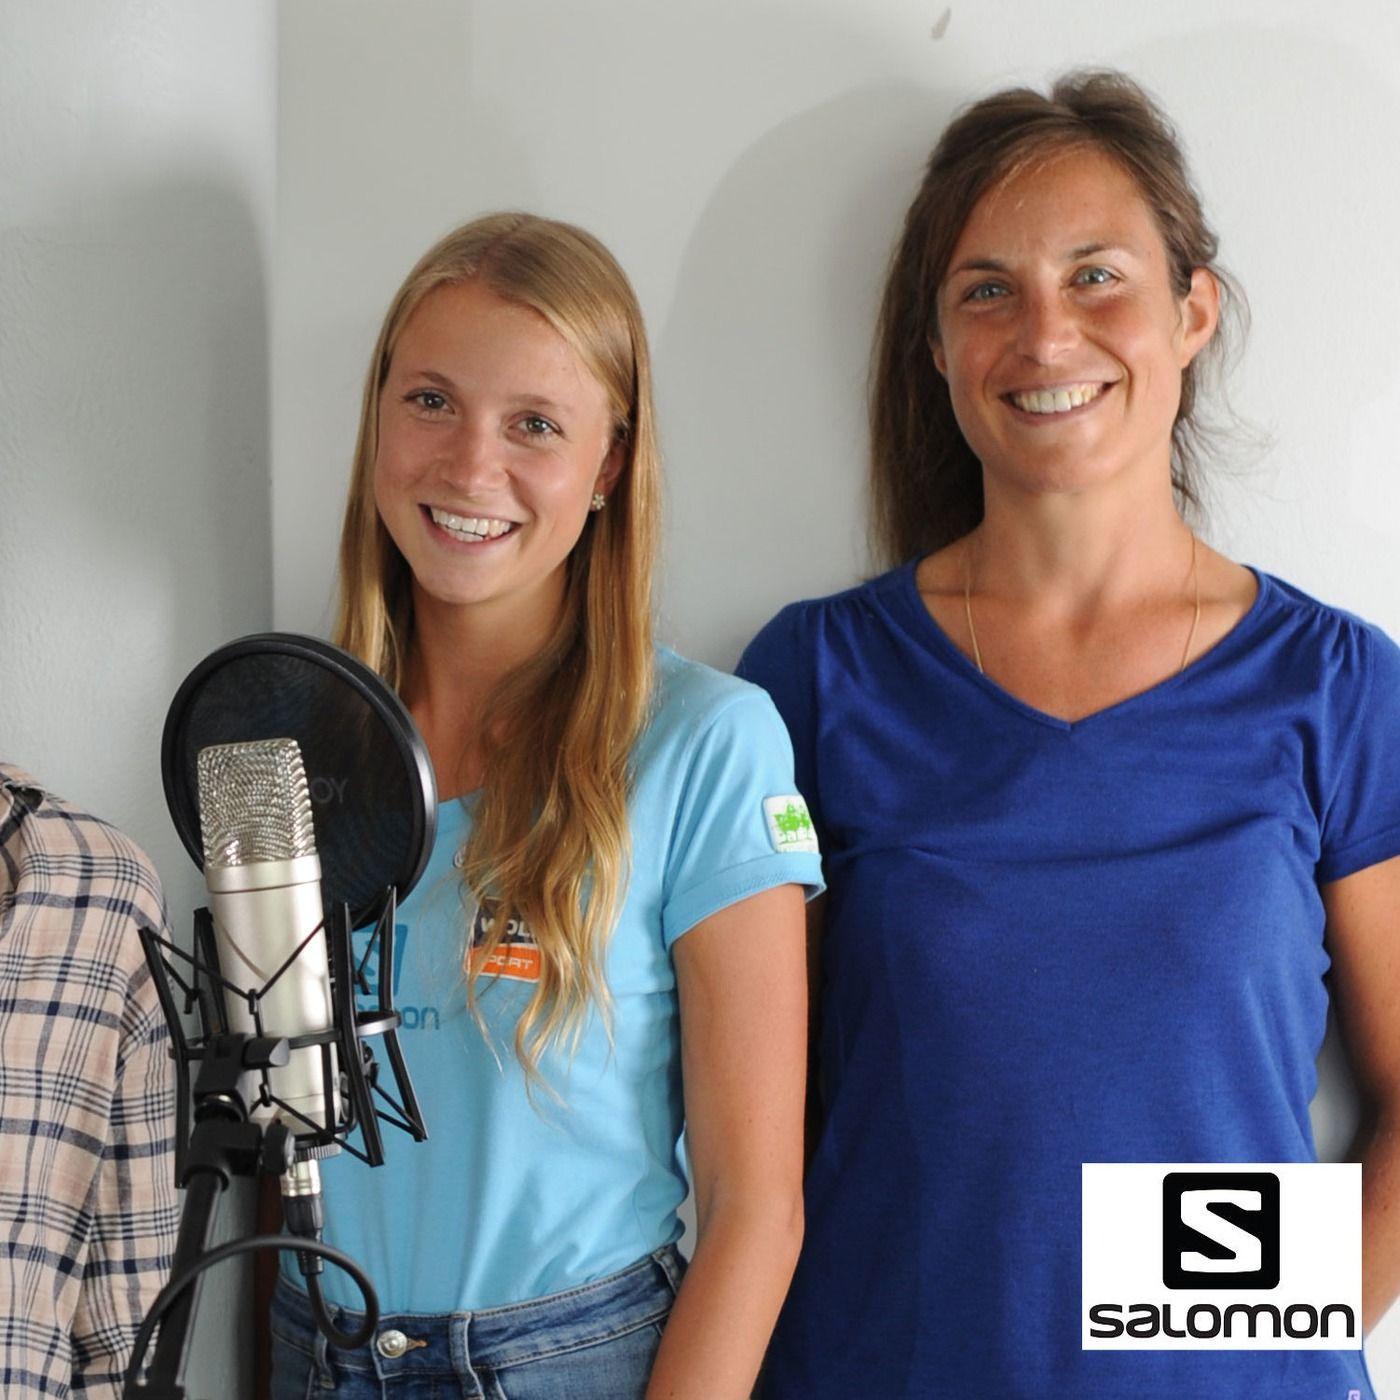 RUNNER'S WORLD Podcast Podcast – Podtail